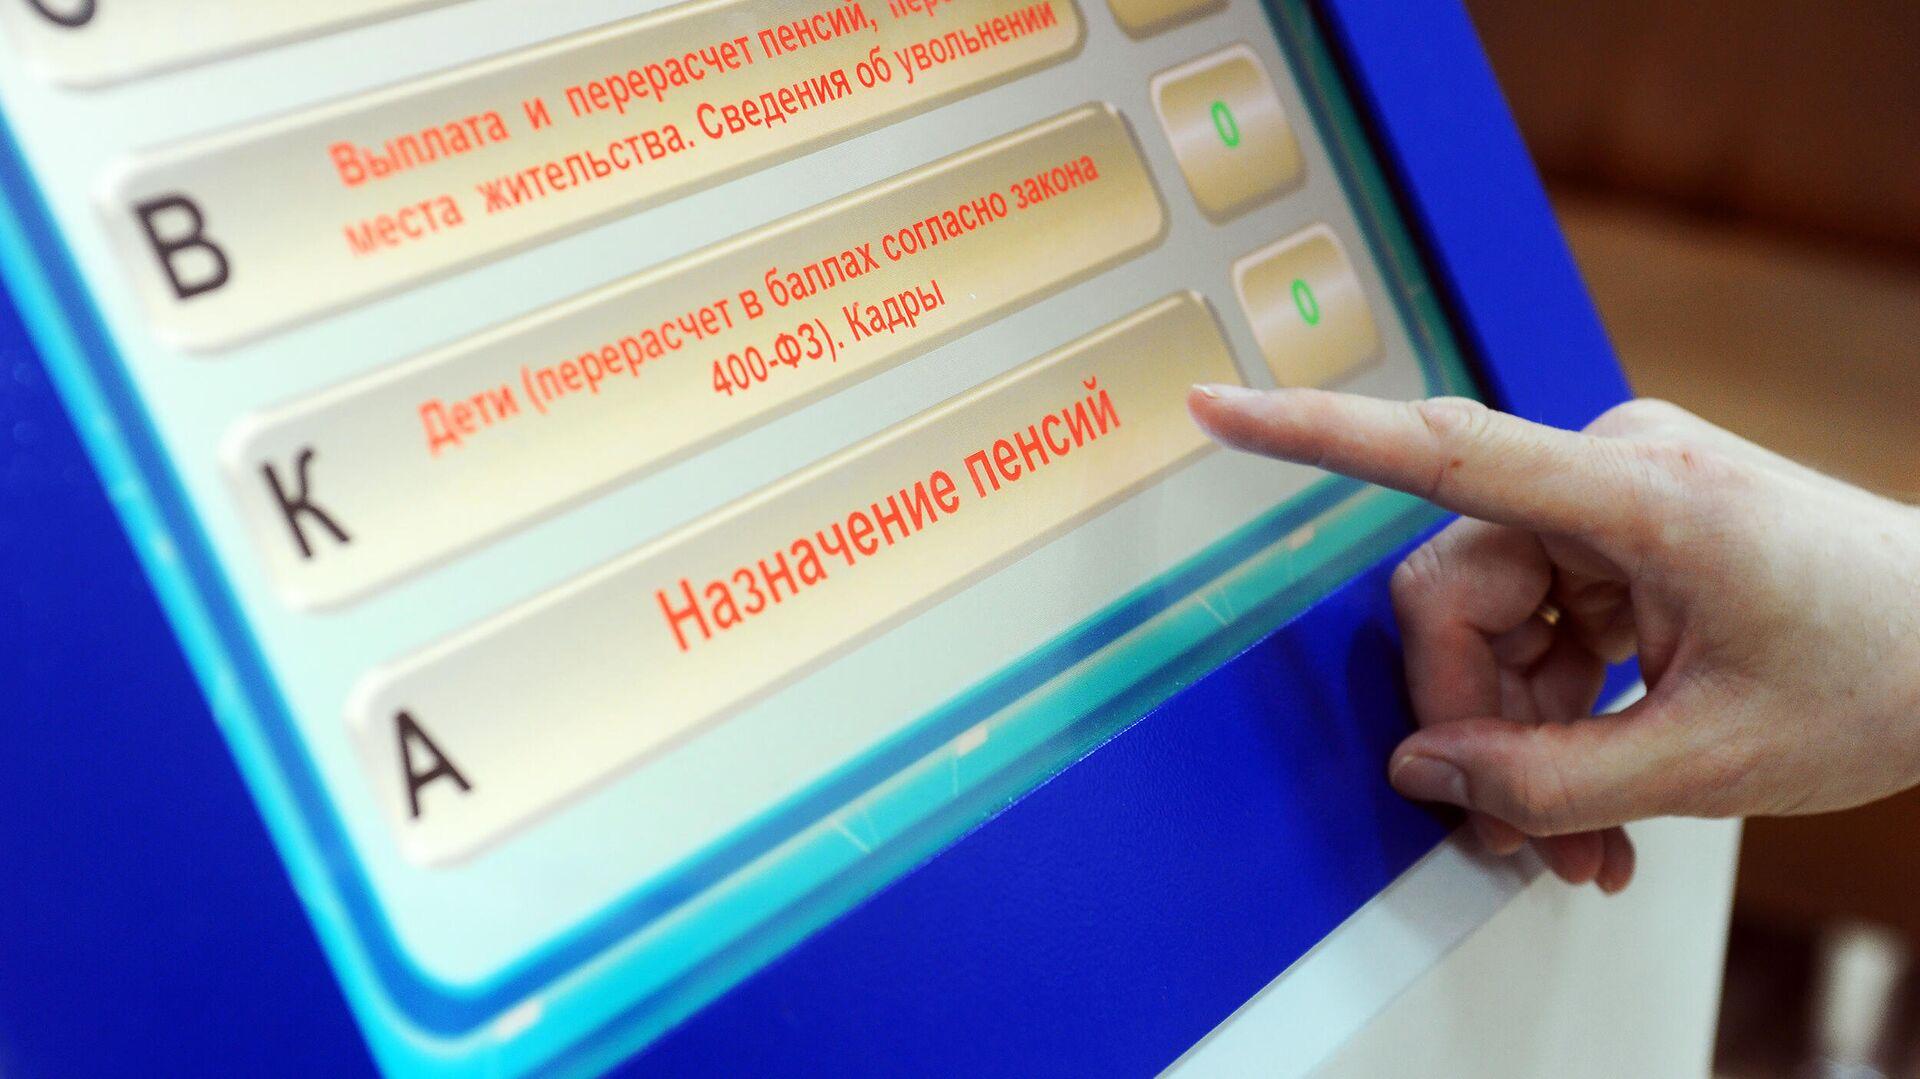 Терминал электронной очереди в клиентском зале Пенсионного фонда России  - РИА Новости, 1920, 11.12.2020